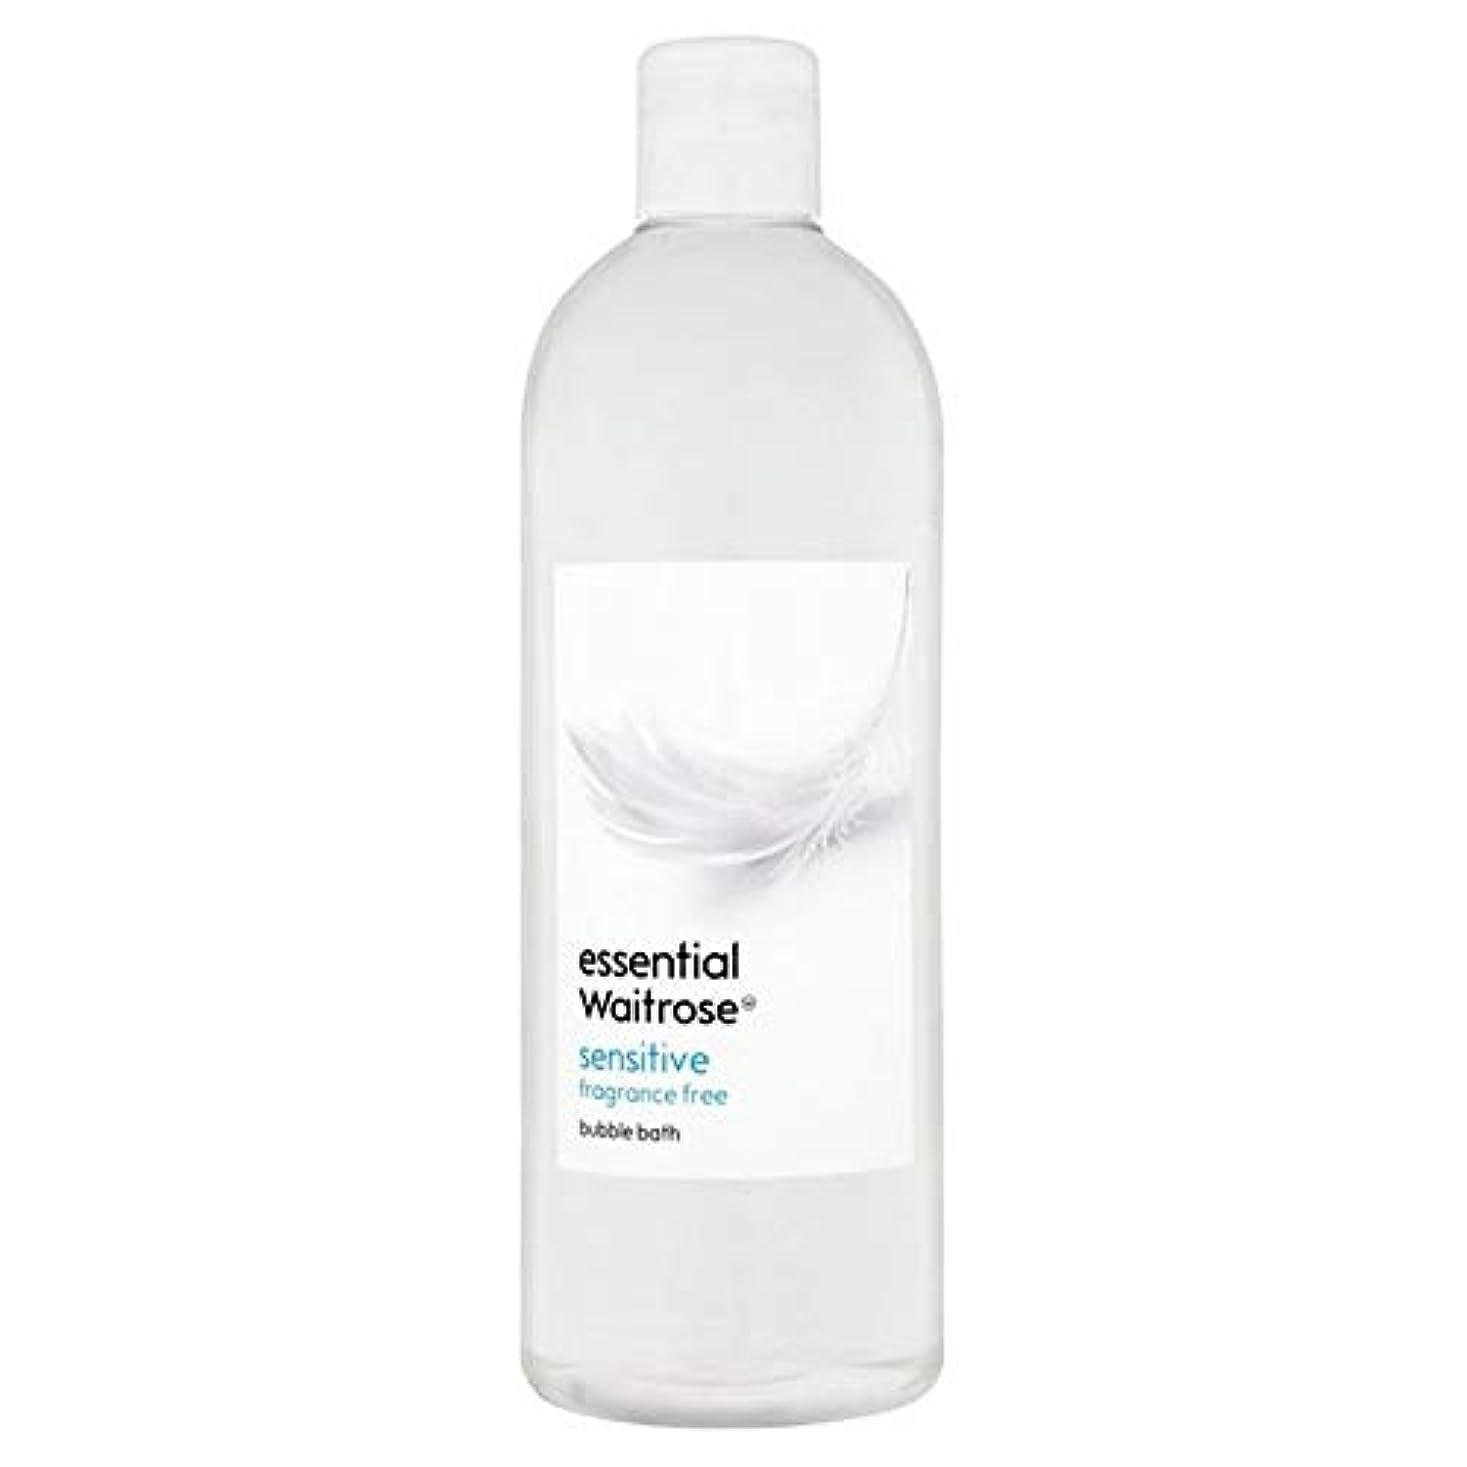 カメ部屋を掃除する練習[Waitrose ] 基本的なウェイトローズ泡風呂に敏感な750ミリリットル - Essential Waitrose Bubble Bath Sensitive 750ml [並行輸入品]